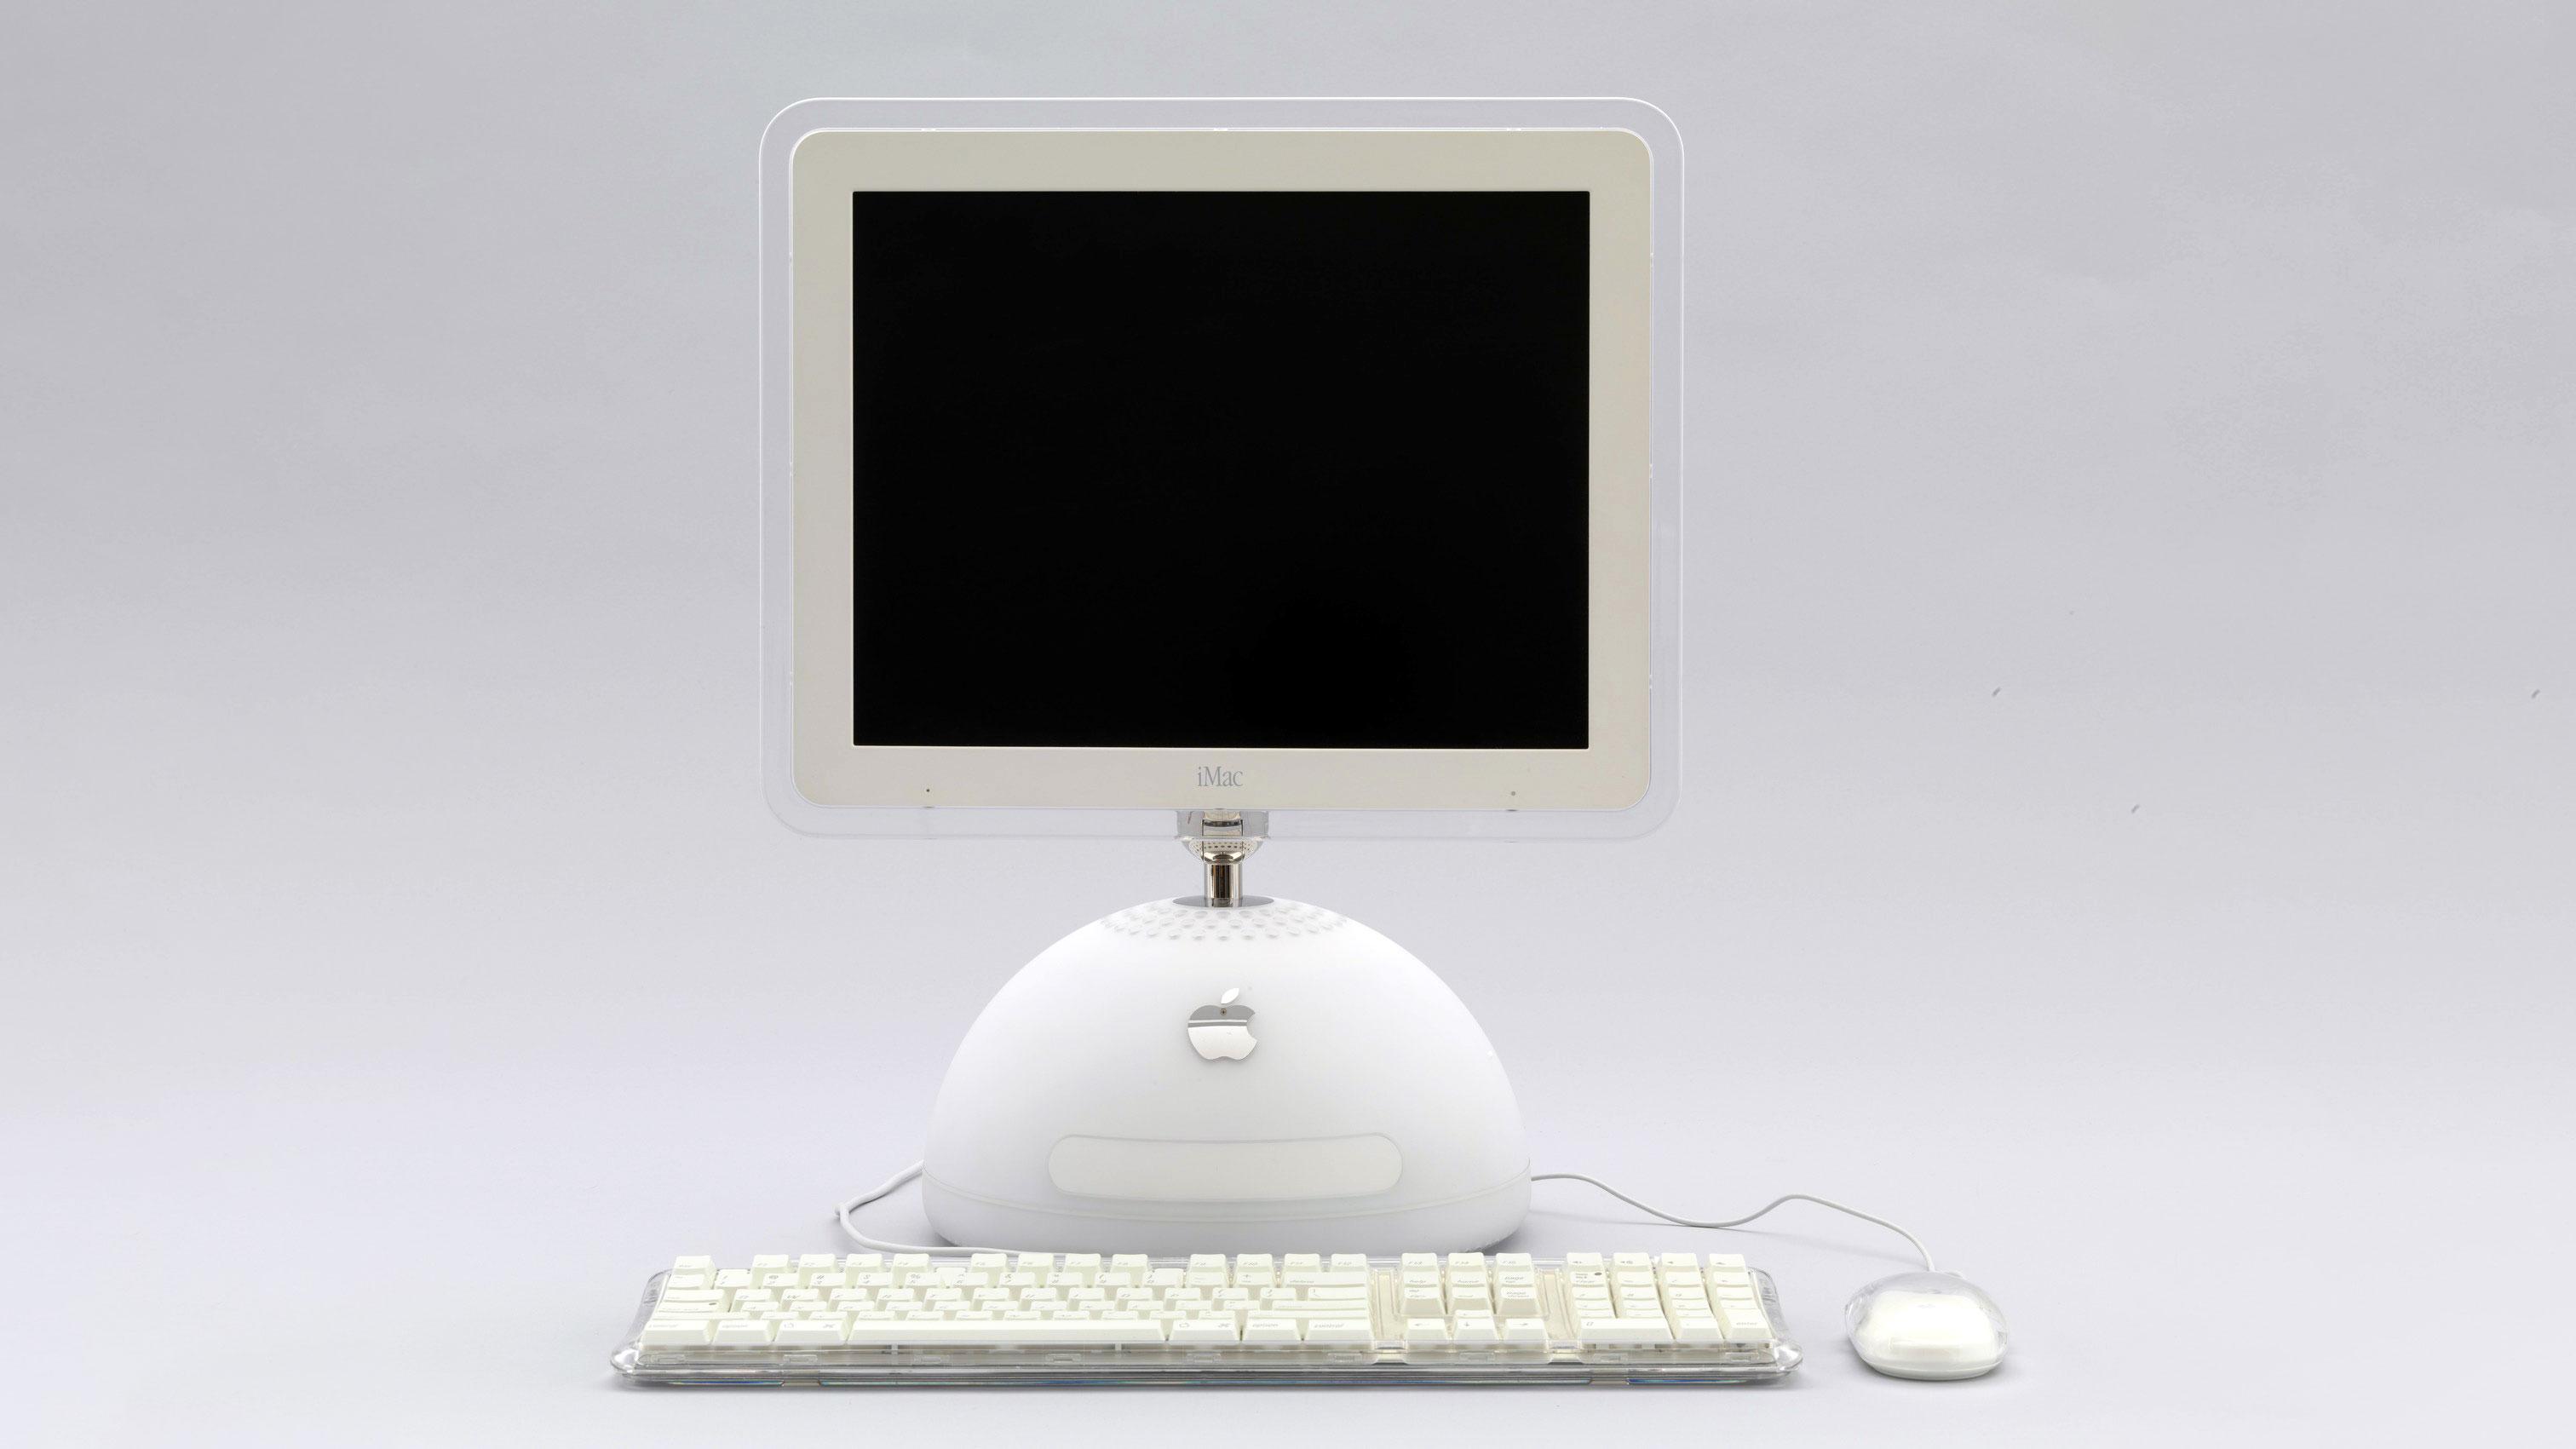 (iMac G4 (2001